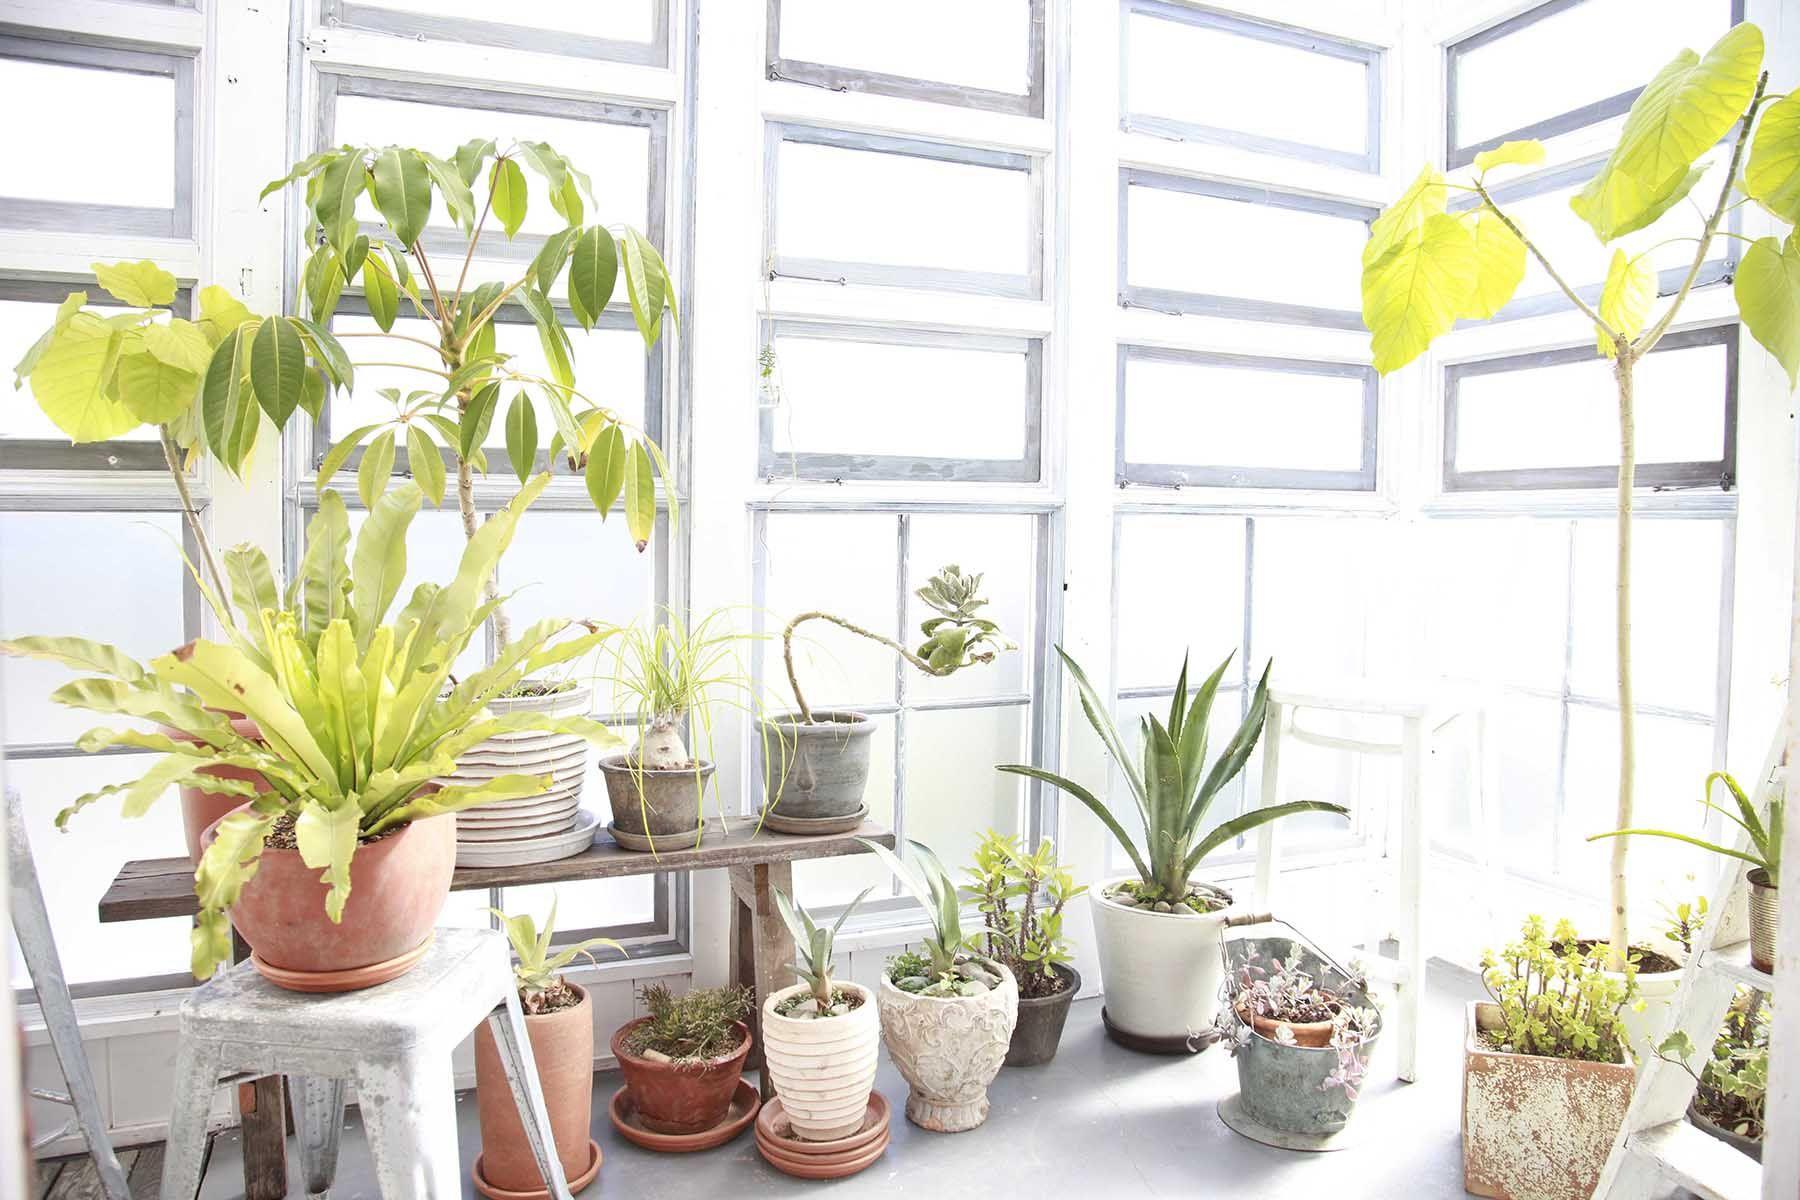 8 EIGHT FLAGS STUDIO (エイトフラッグススタジオ)前庭玄関横ポーチ